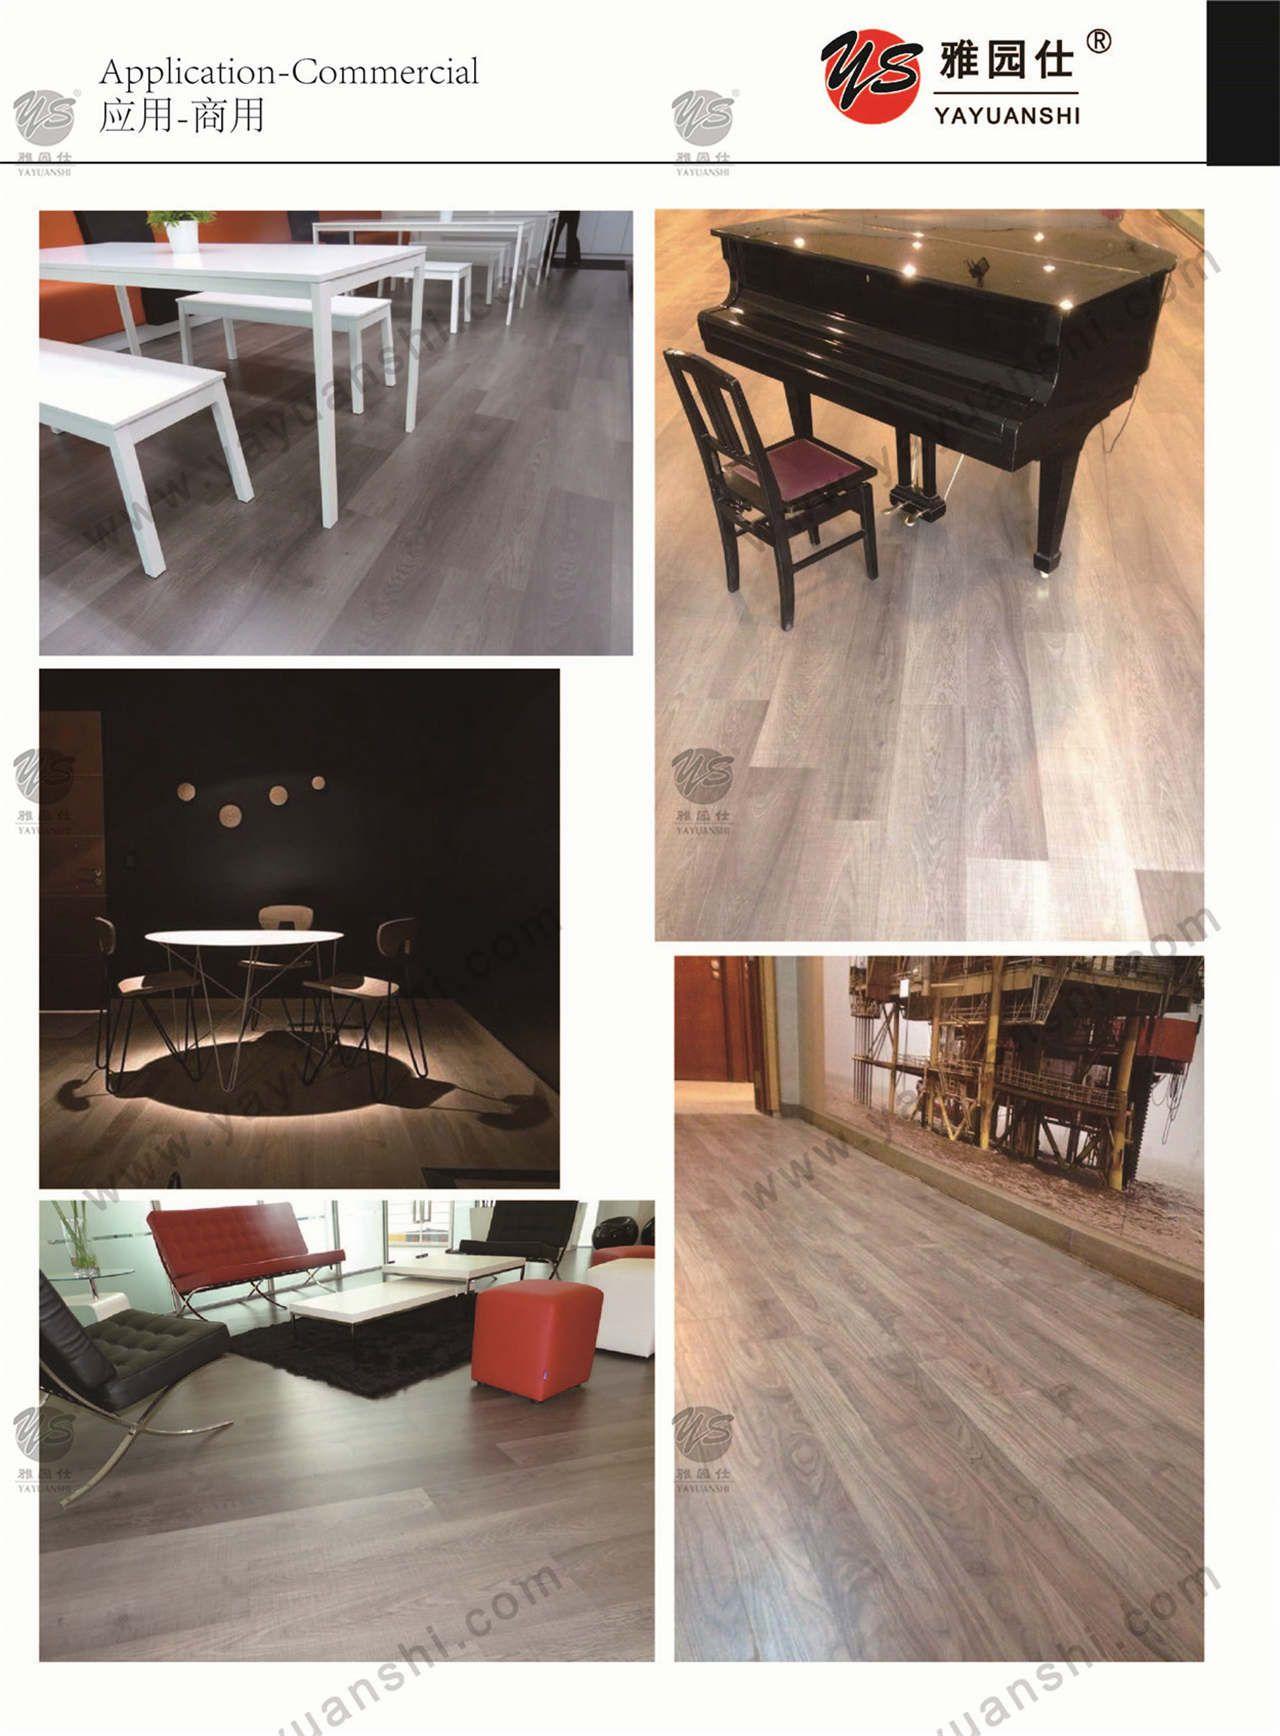 Yayuanshi pvc vinyl flooringspc flooring luxury vinyl tiles yayuanshi pvc vinyl flooringspc flooring luxury vinyl tilesplanks dailygadgetfo Images